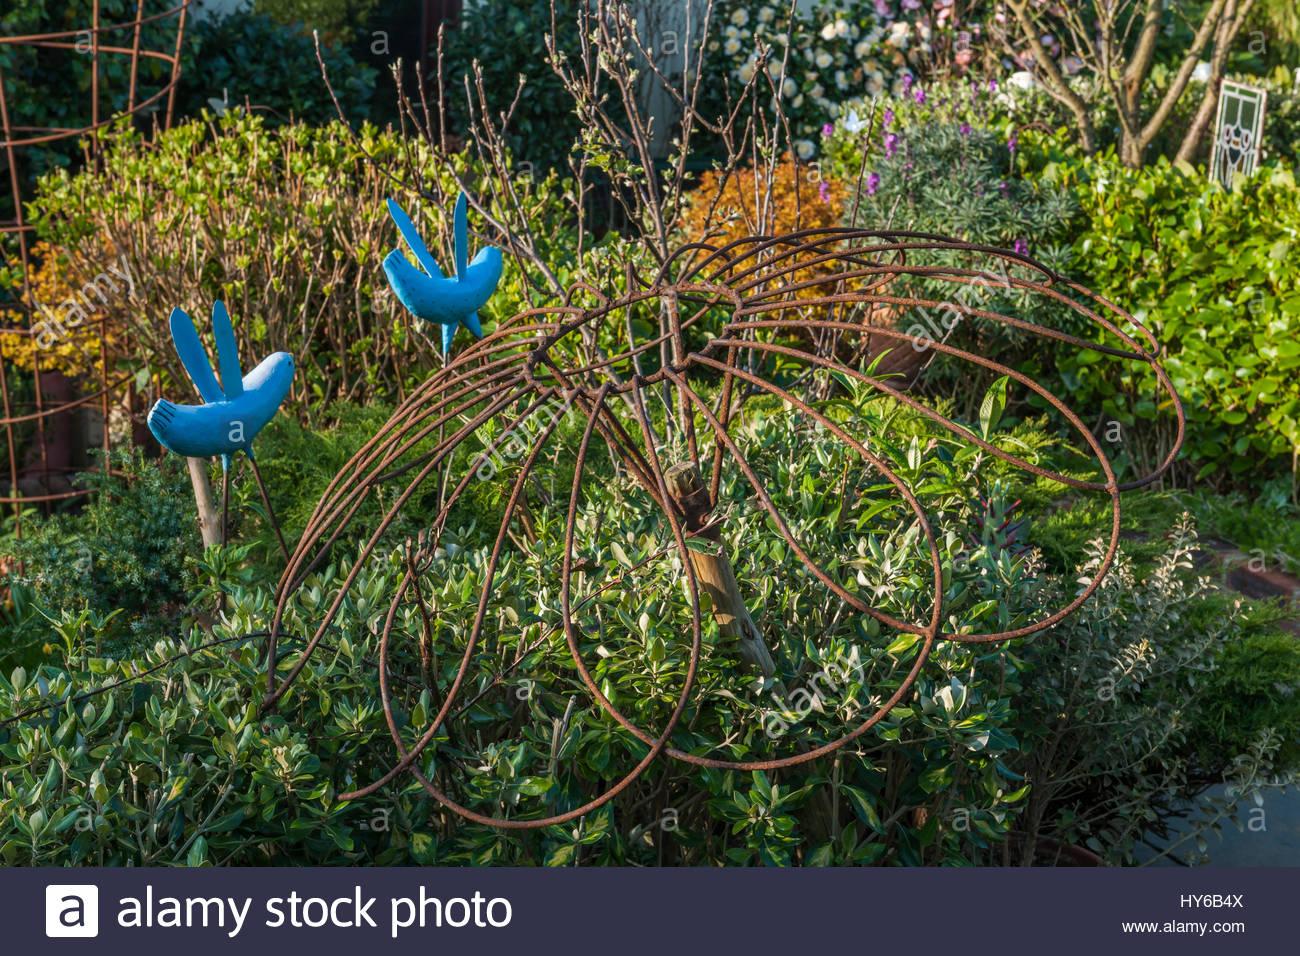 Driftwood garden art objects - Stock Image